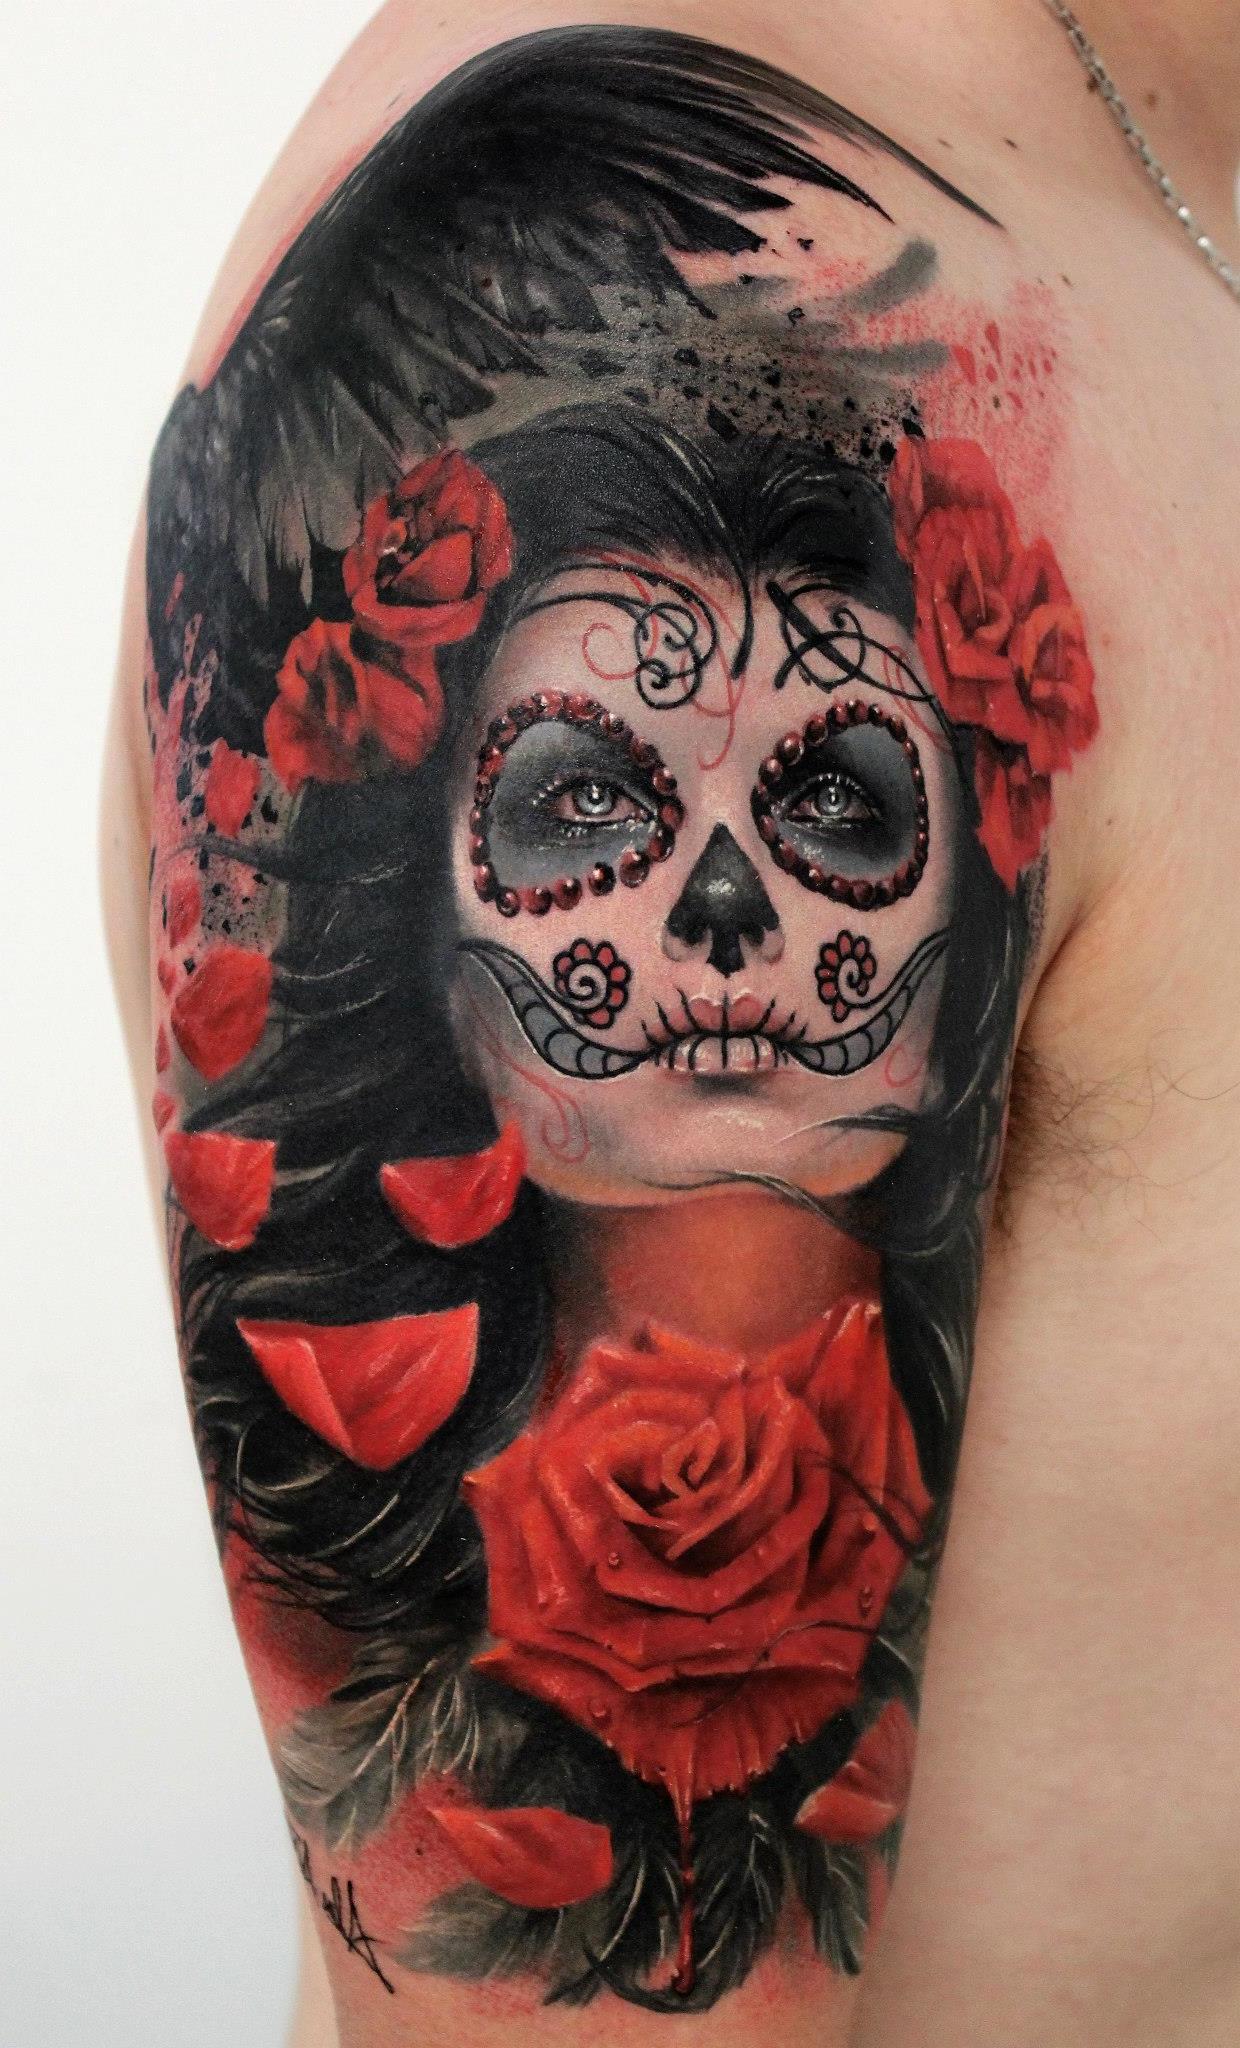 La Catrina in farbenfrohem Tattoo Design